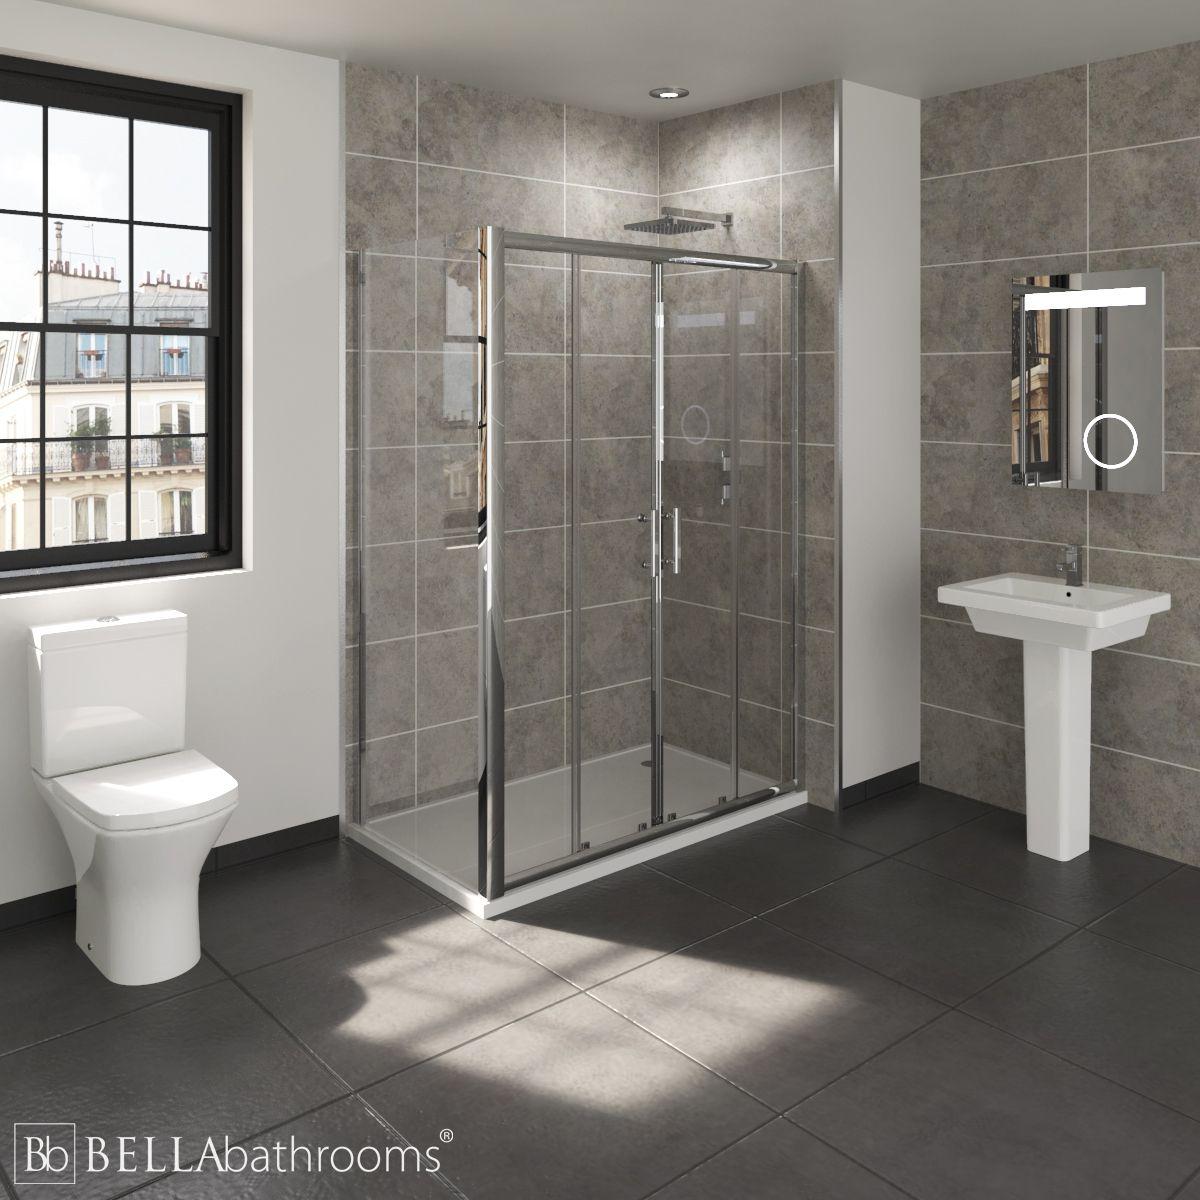 RAK Resort En-Suite with Double Sliding Door Shower Enclosure